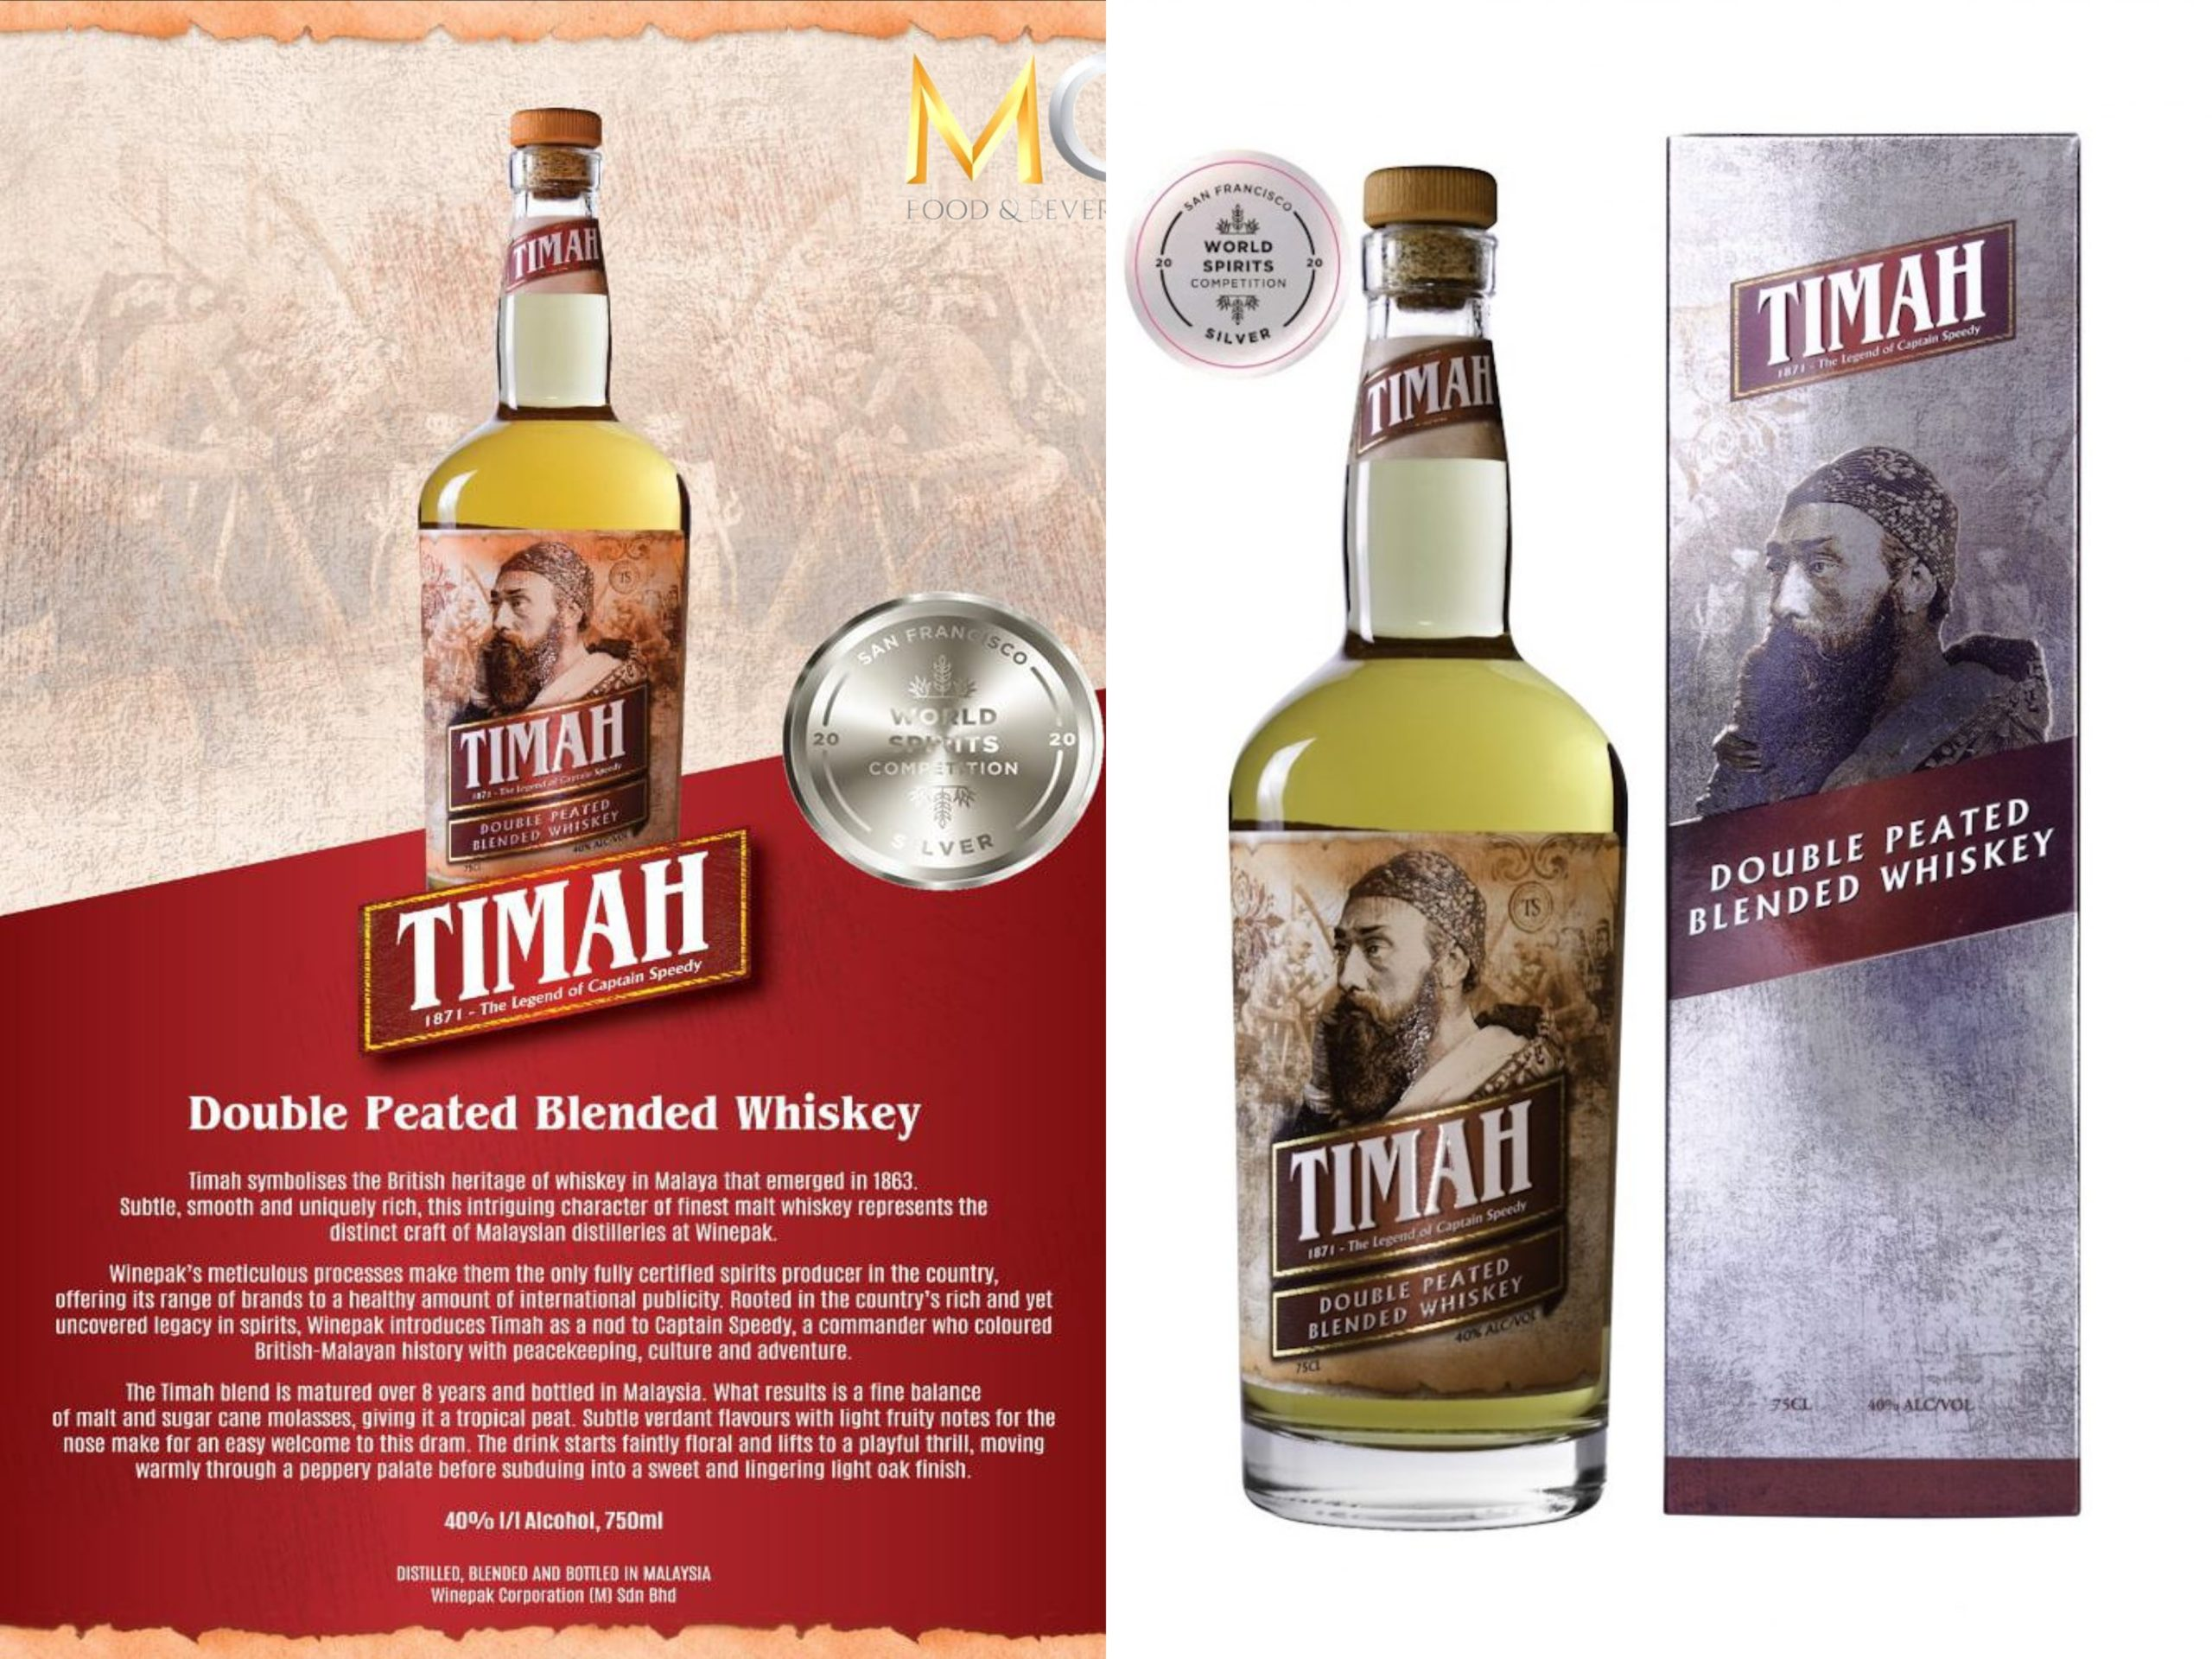 TIMAH Menang Anugerah Dalam Pertandingan Bertaraf Dunia